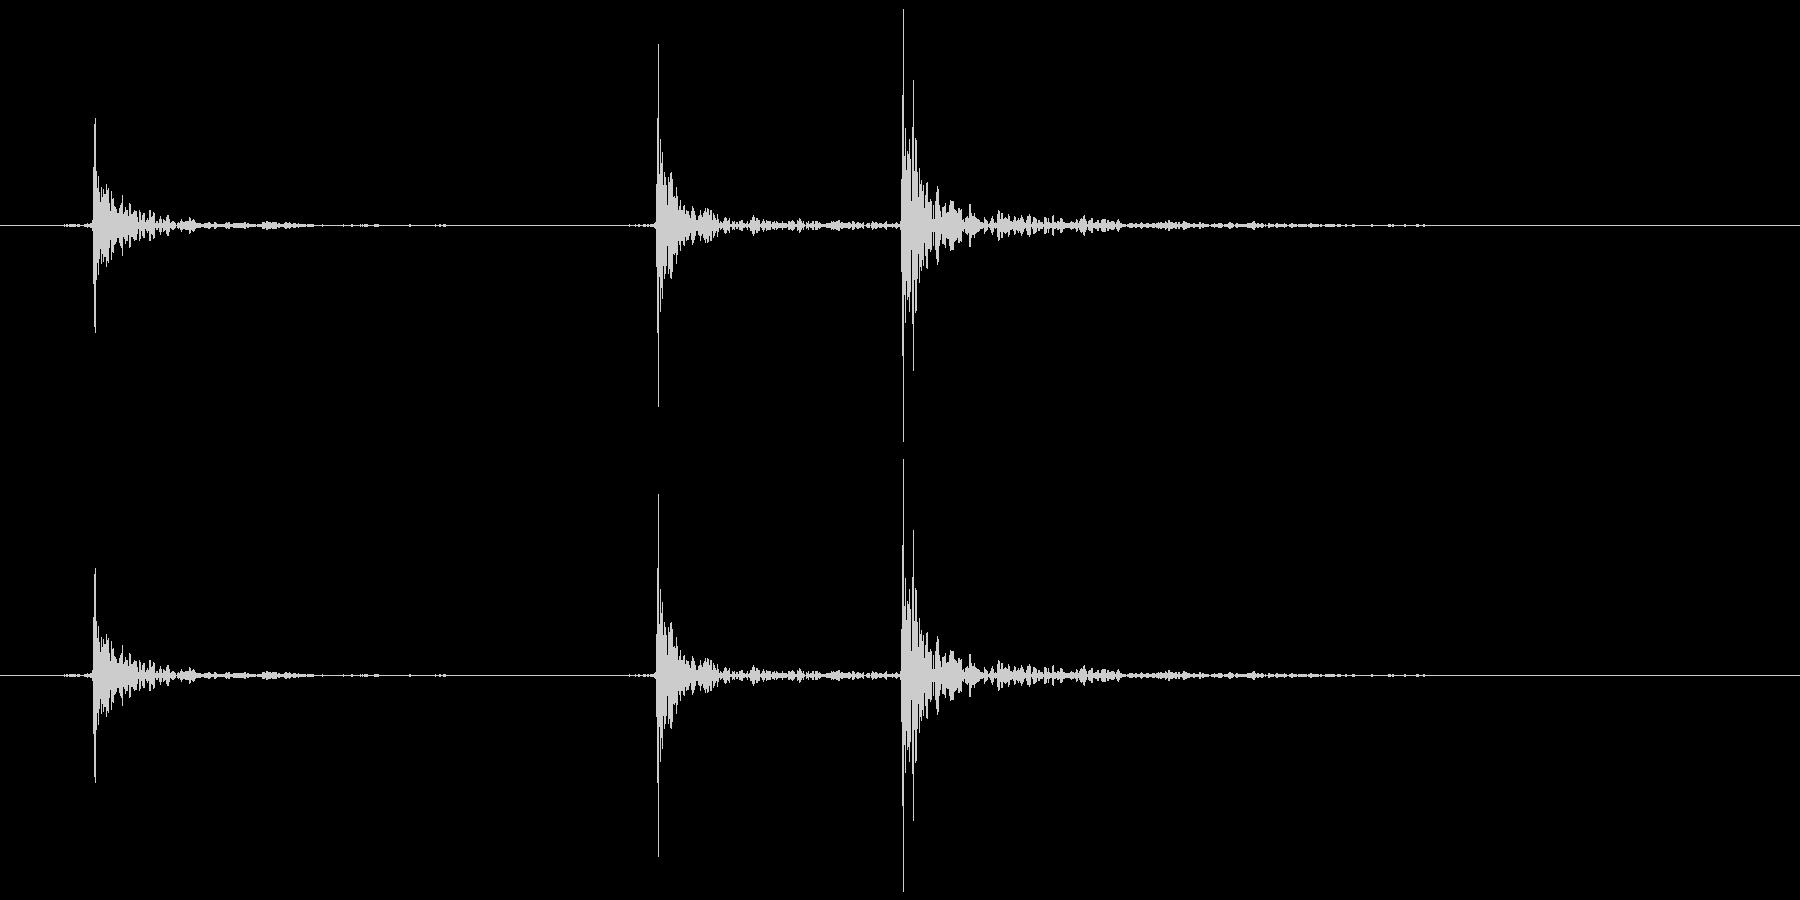 床がきしむ(軋む) ギッ、ギギの未再生の波形